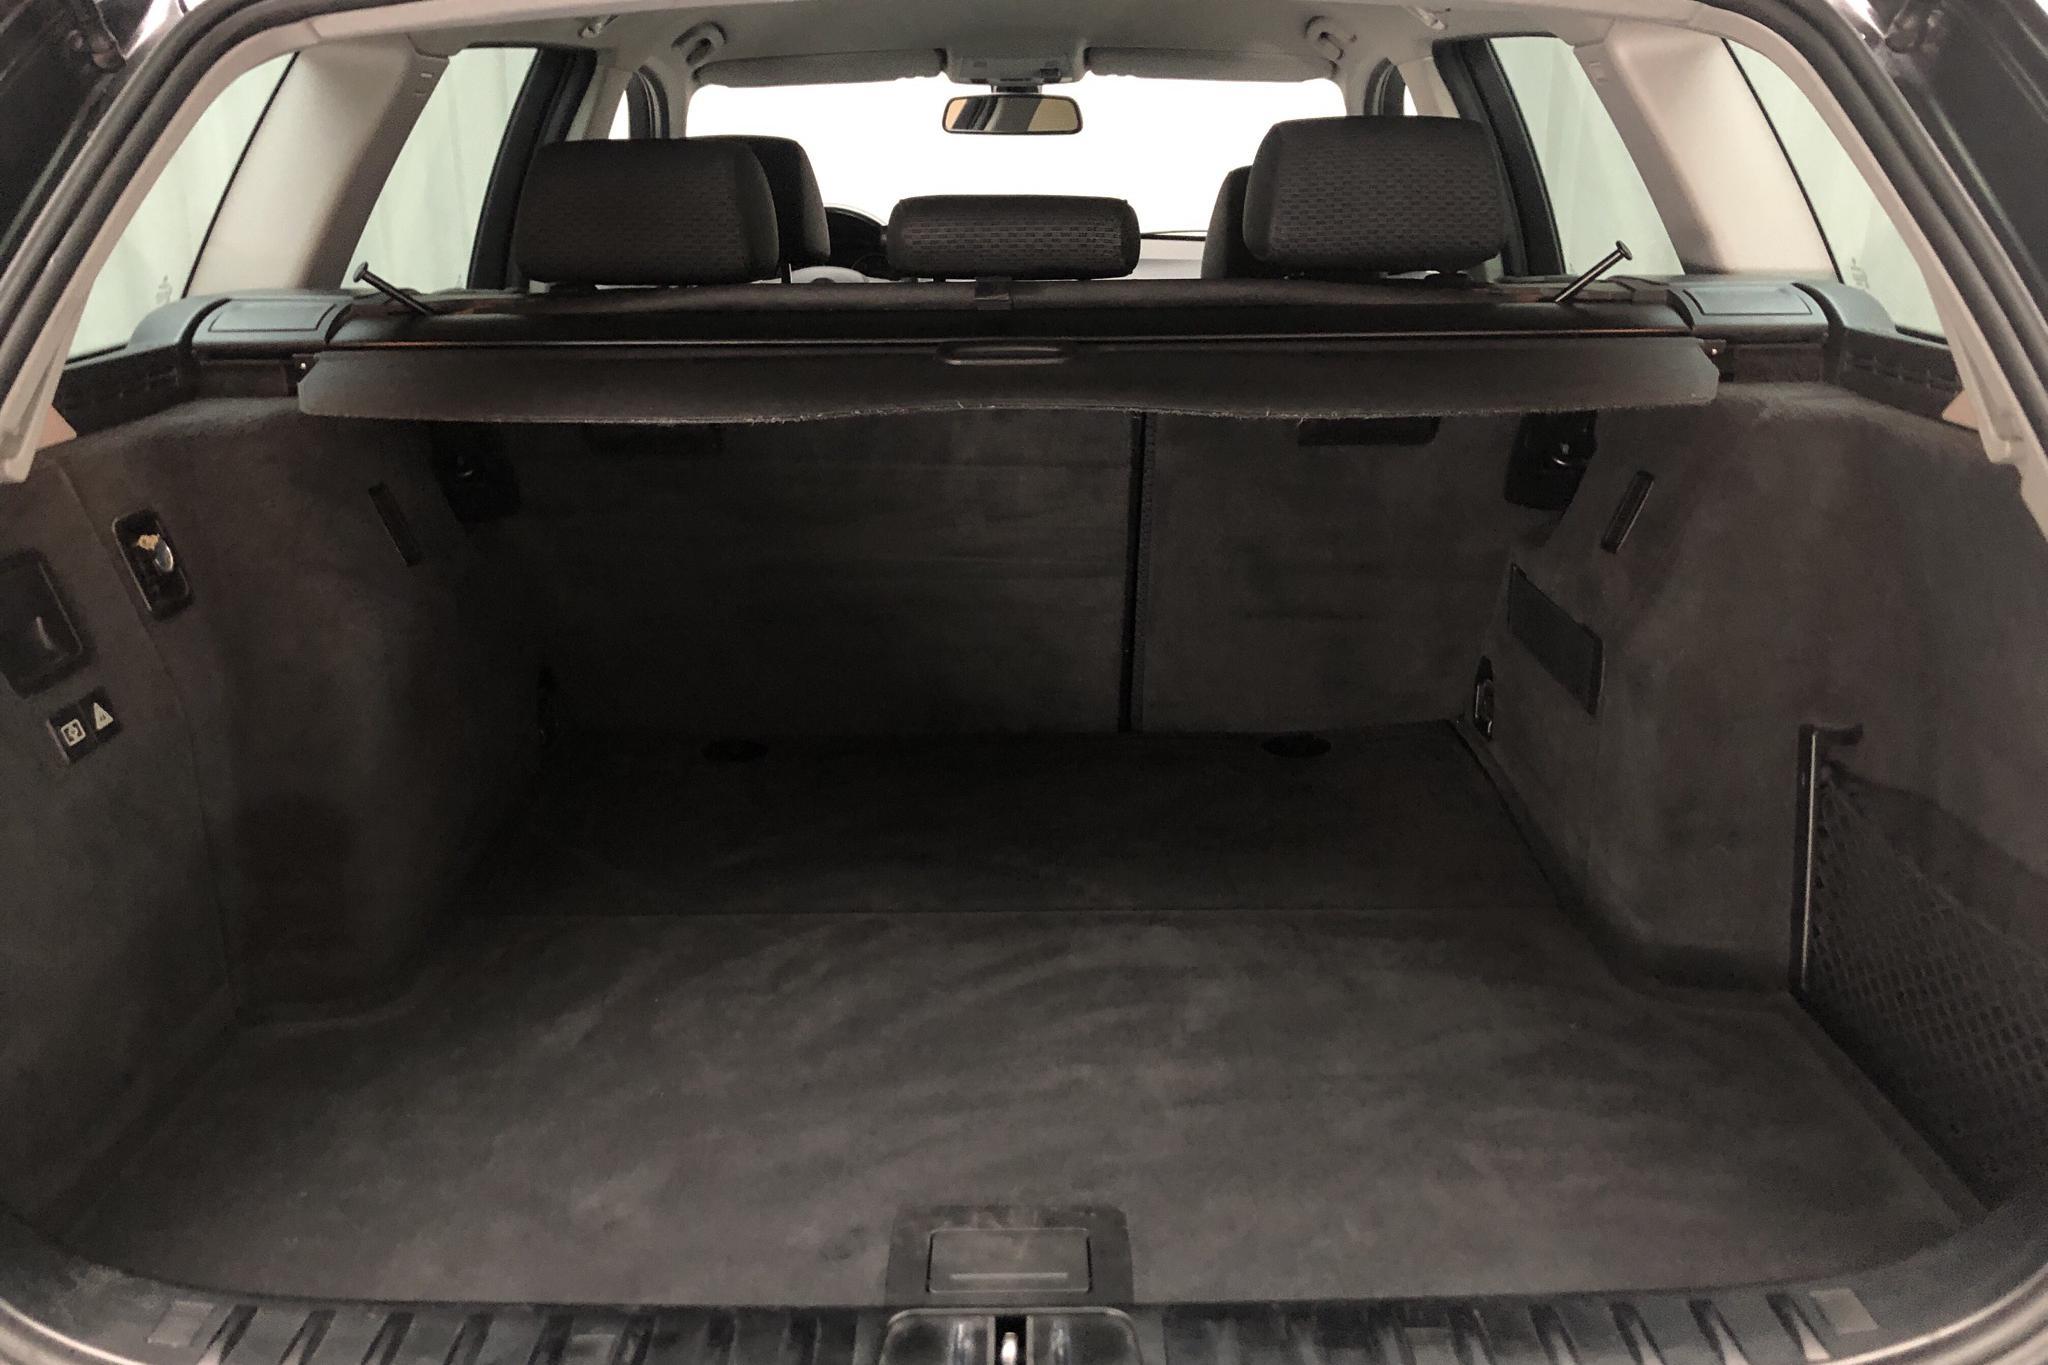 BMW 330d xDrive Touring, E91 (245hk) - 20 809 mil - Automat - svart - 2010